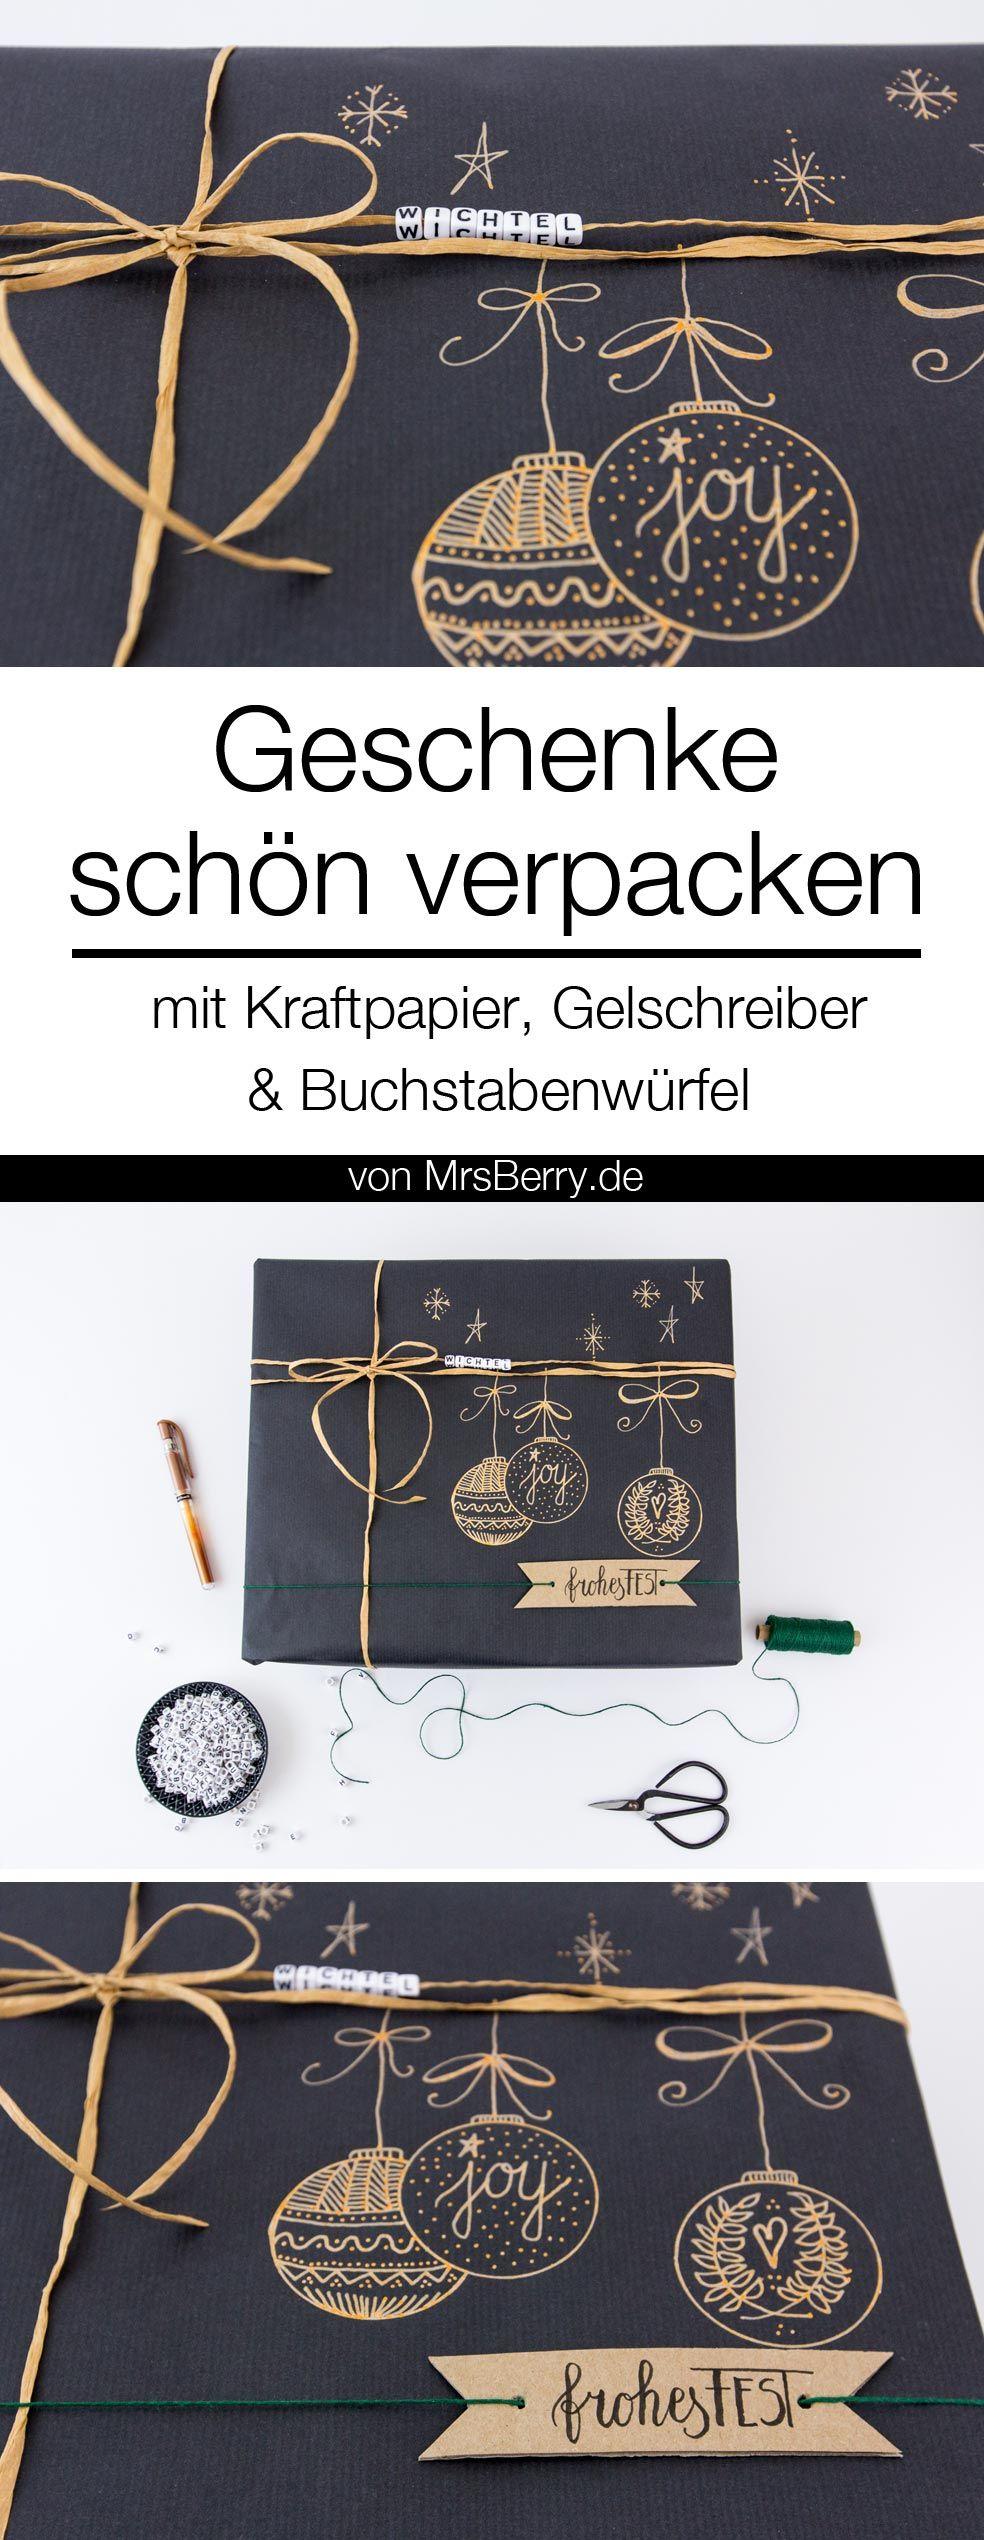 Geschenke schön verpacken mit Kraftpapier #fotogeschenk